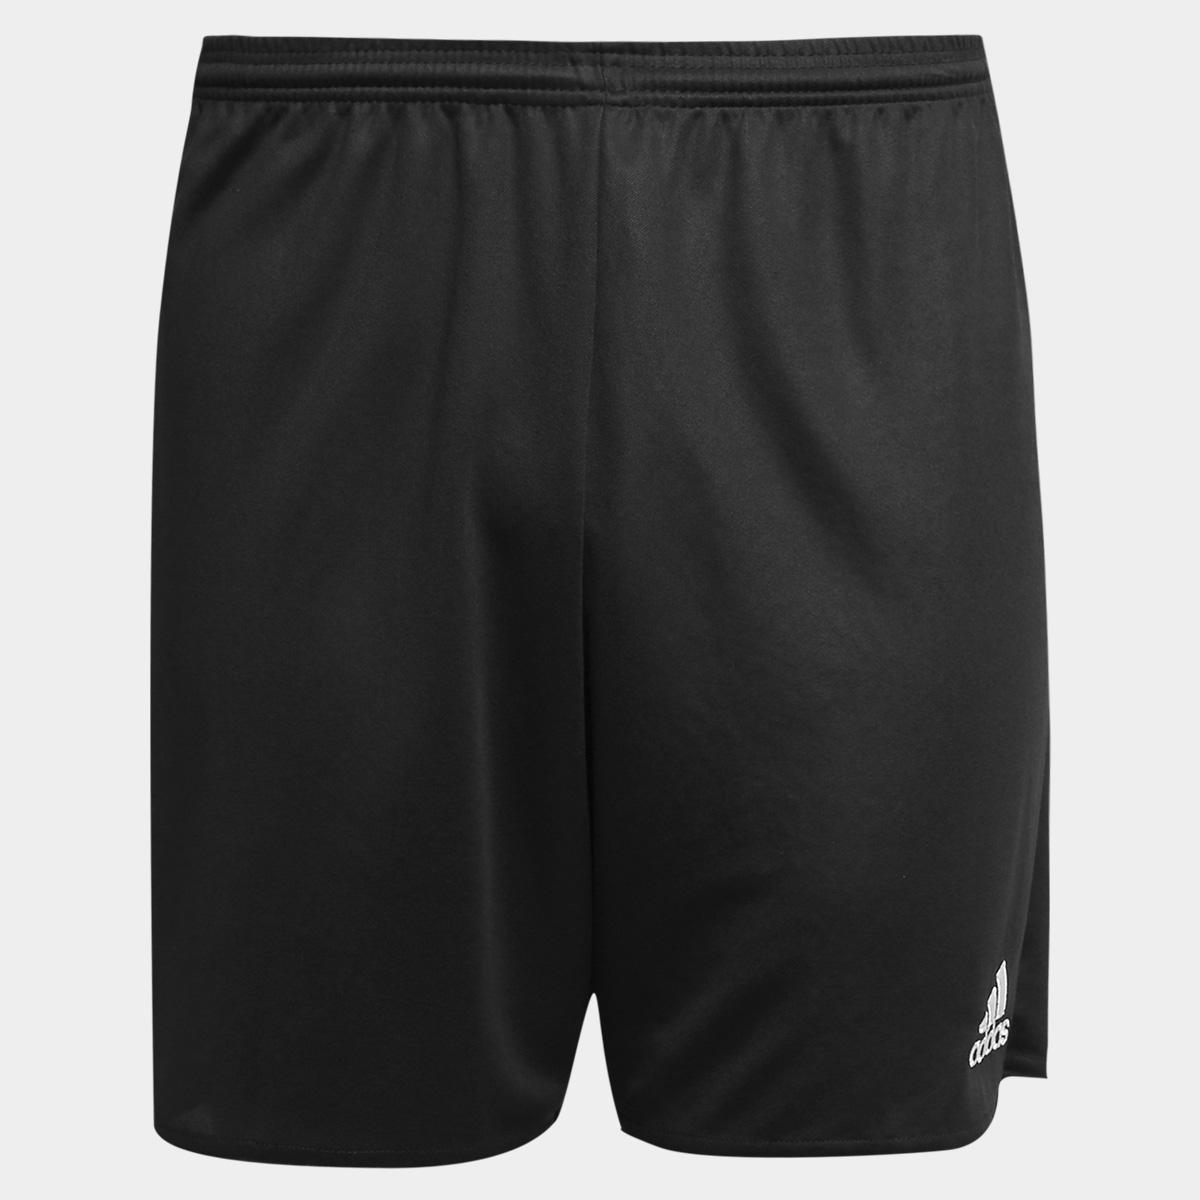 Short Adidas Parma Masculina - Compre Agora  e1b6e2c6757d9